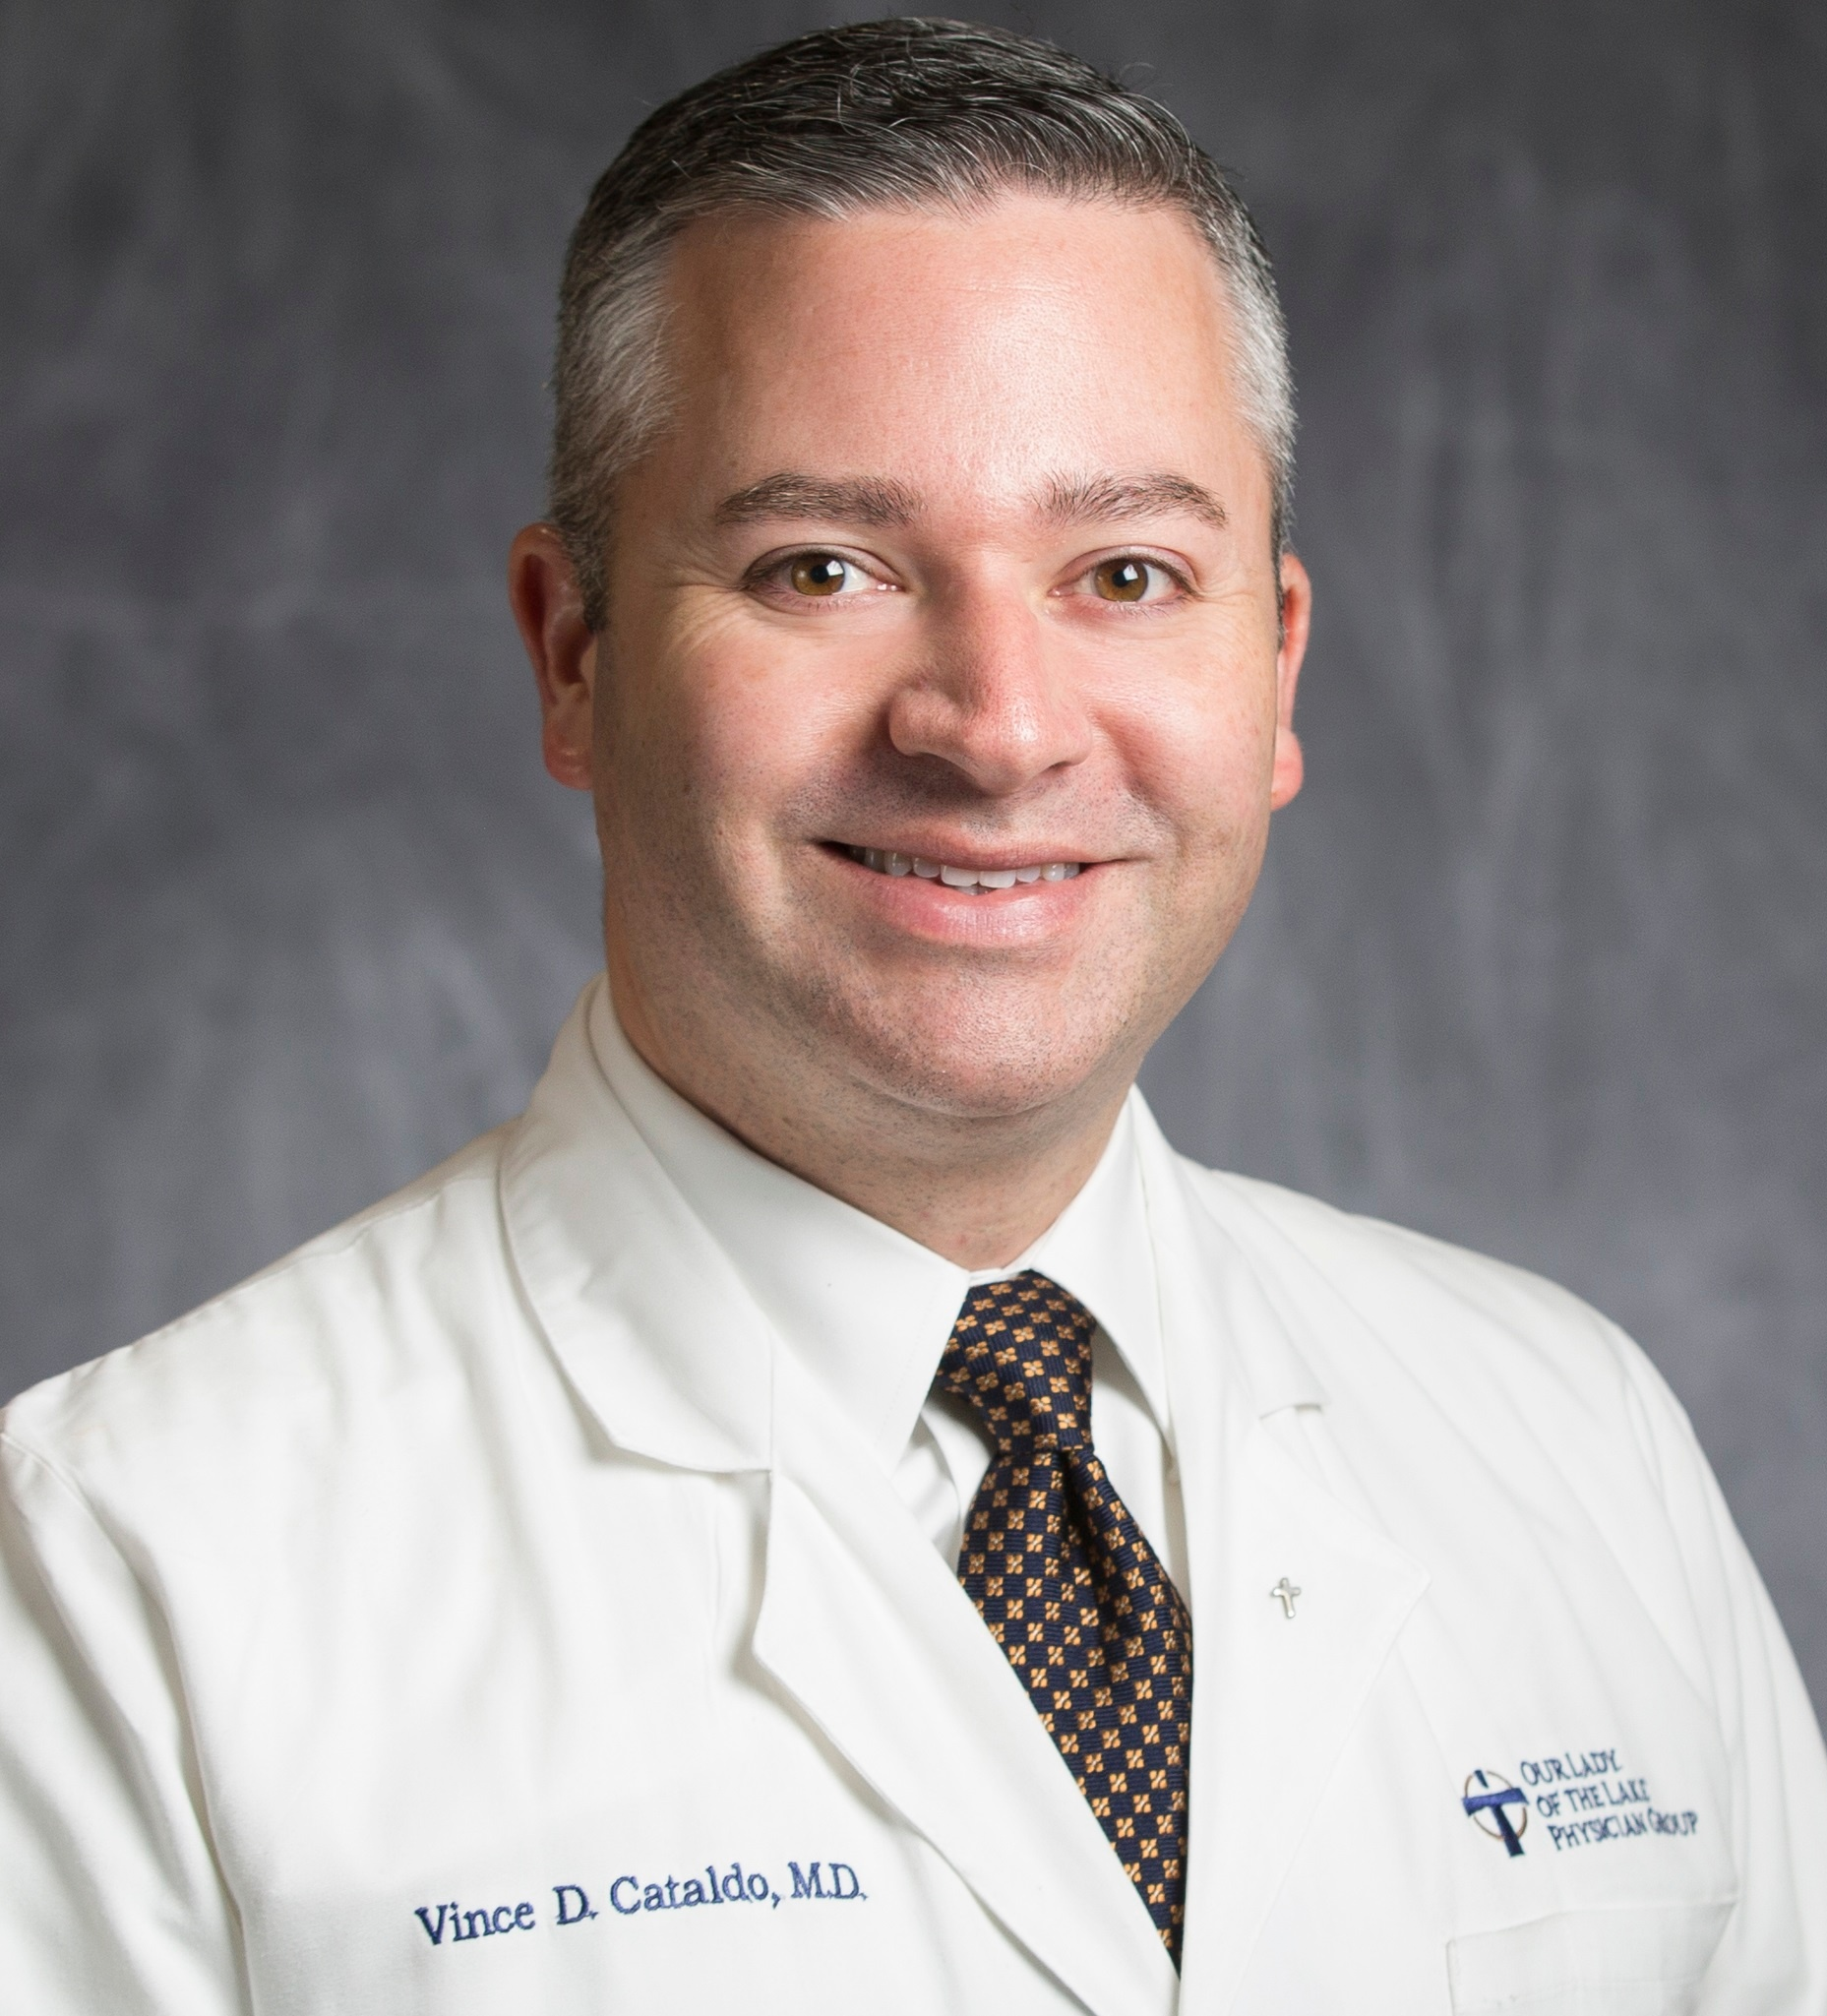 Vince Cataldo, M.D.